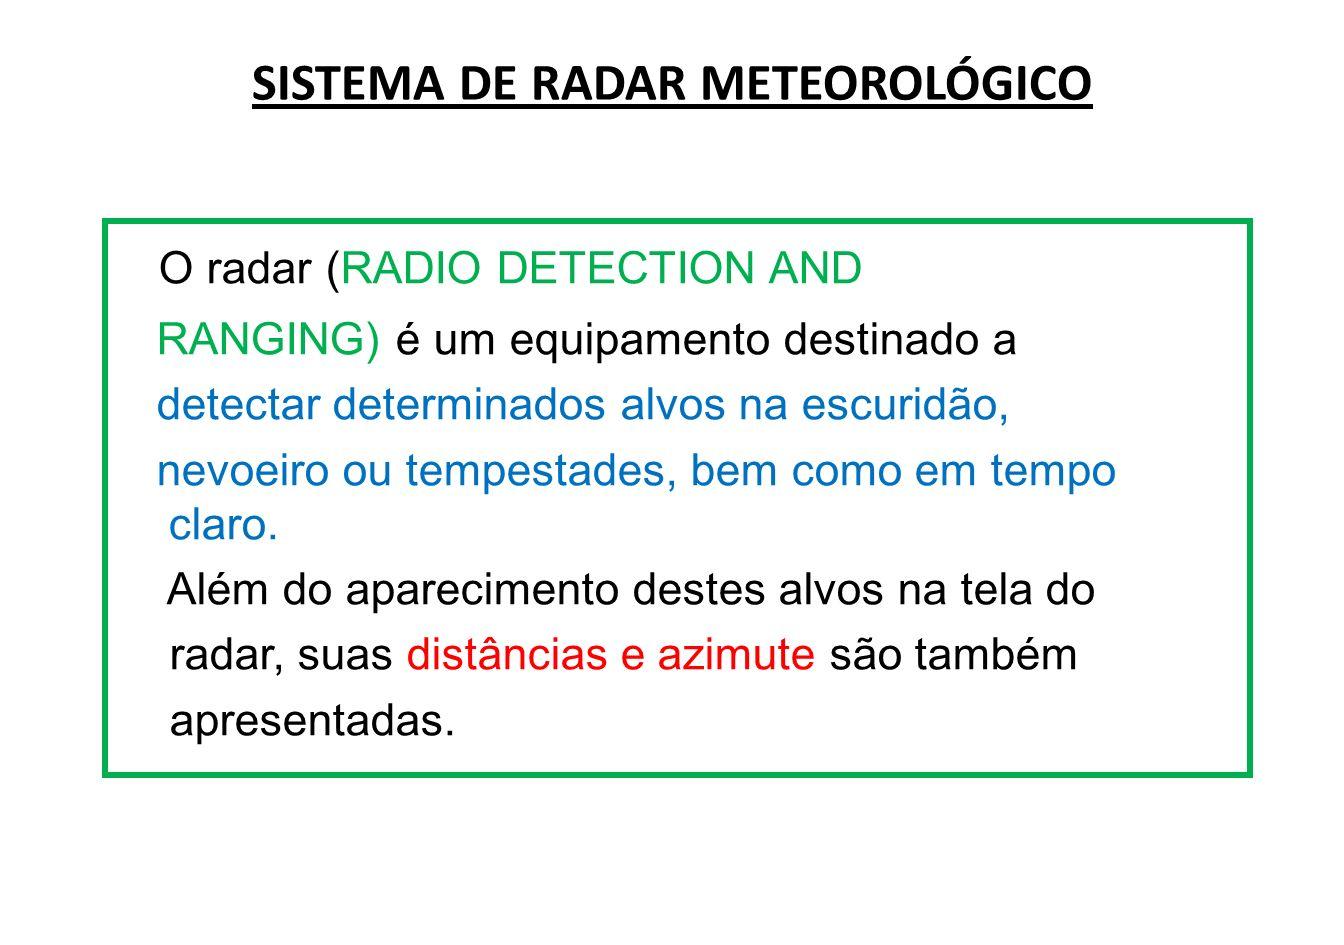 SISTEMA DE RADAR METEOROLÓGICO